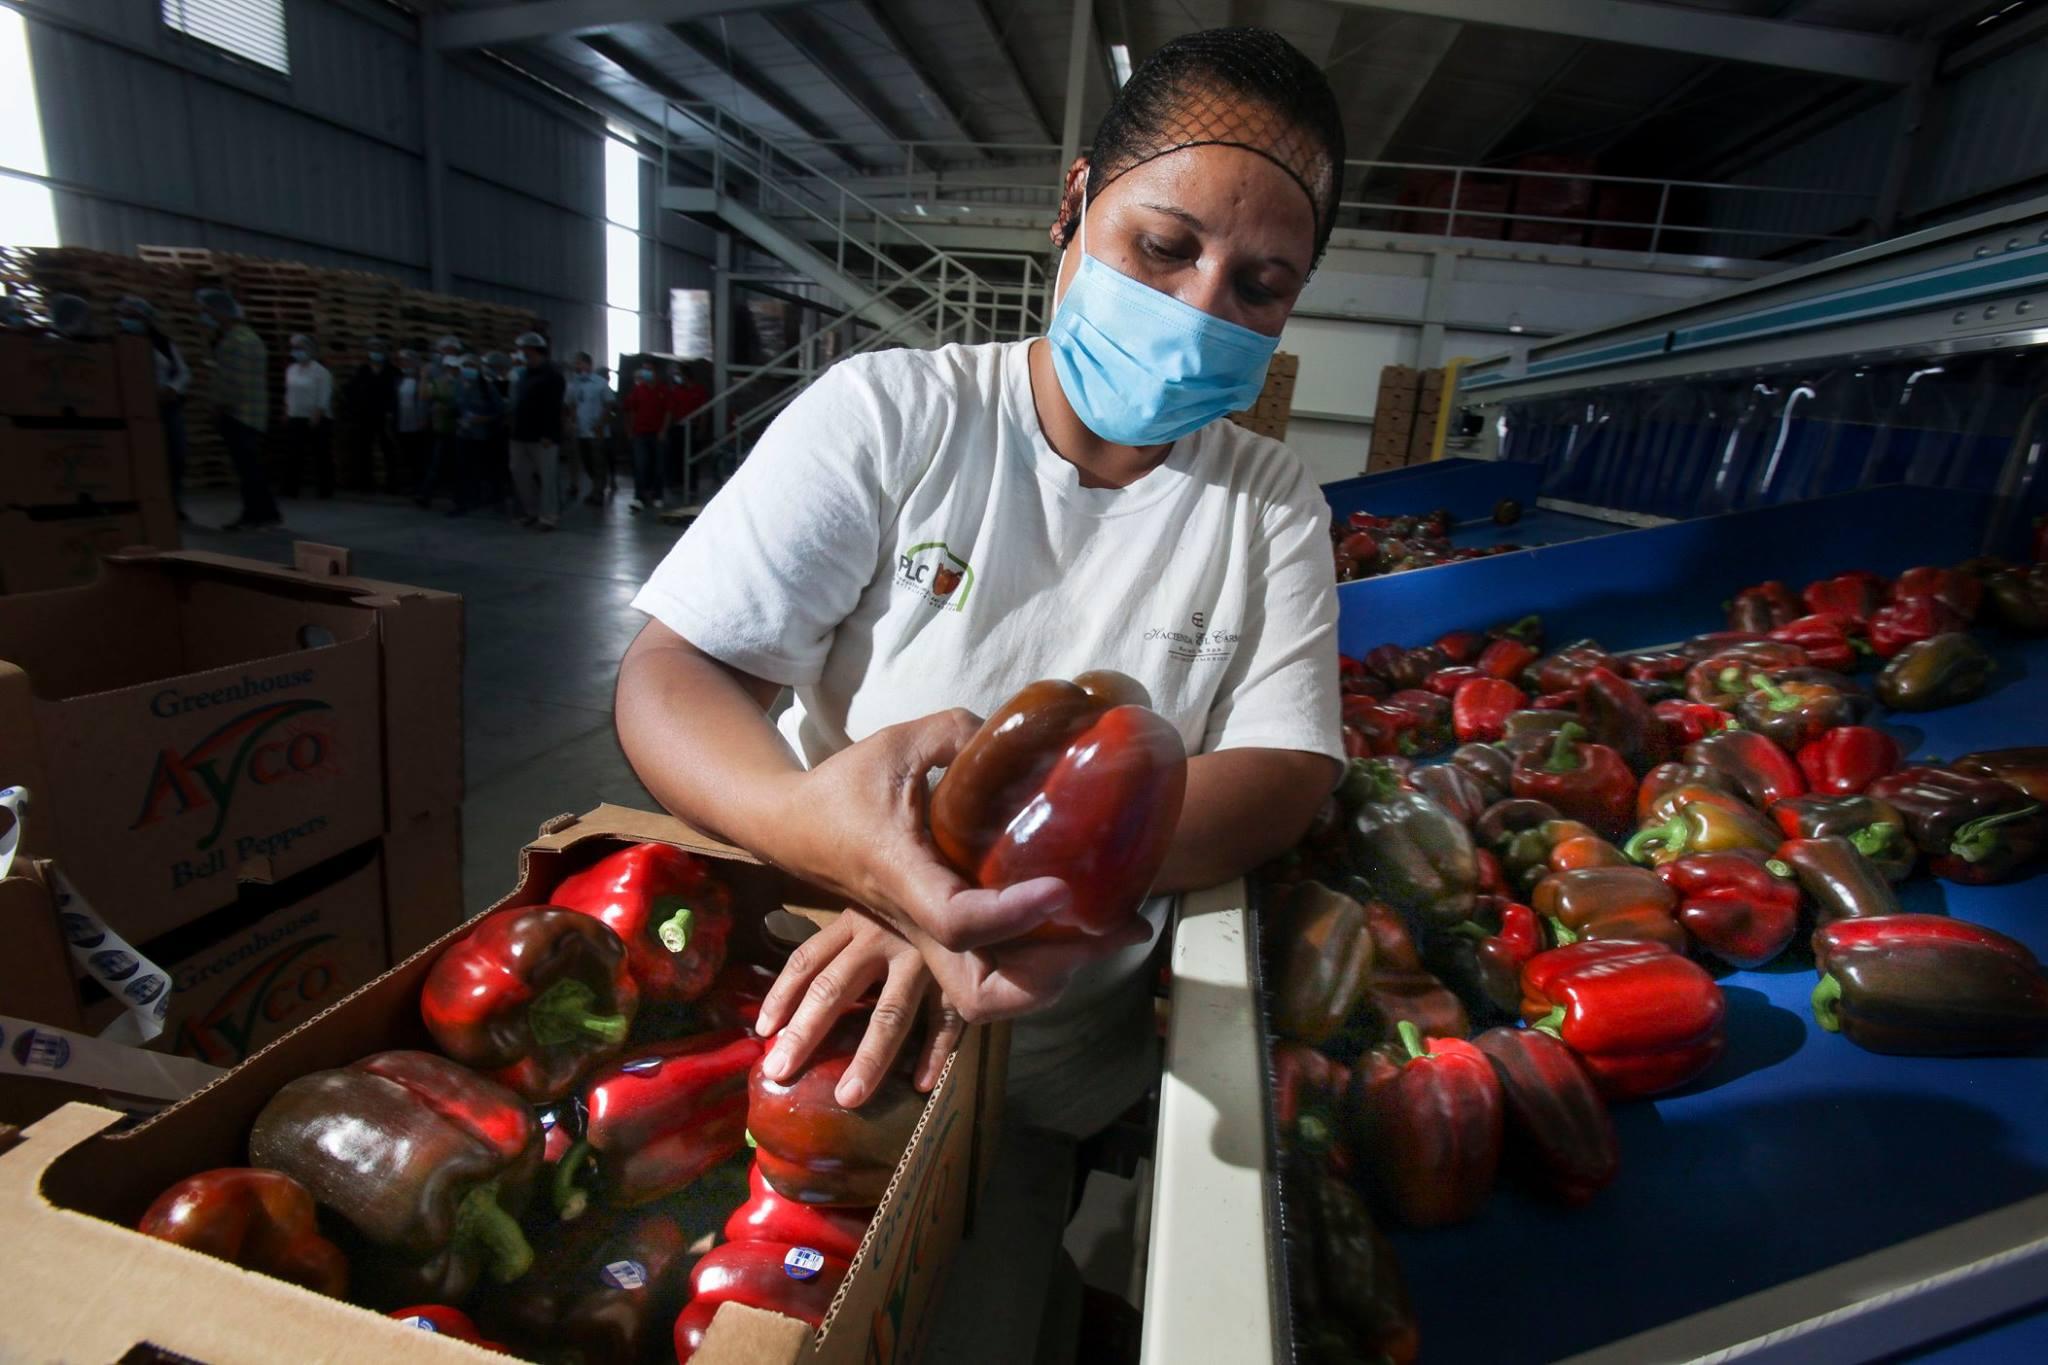 La estacionalidad agrícola de EU pondría en riesgo a 5 millones de empleos en México